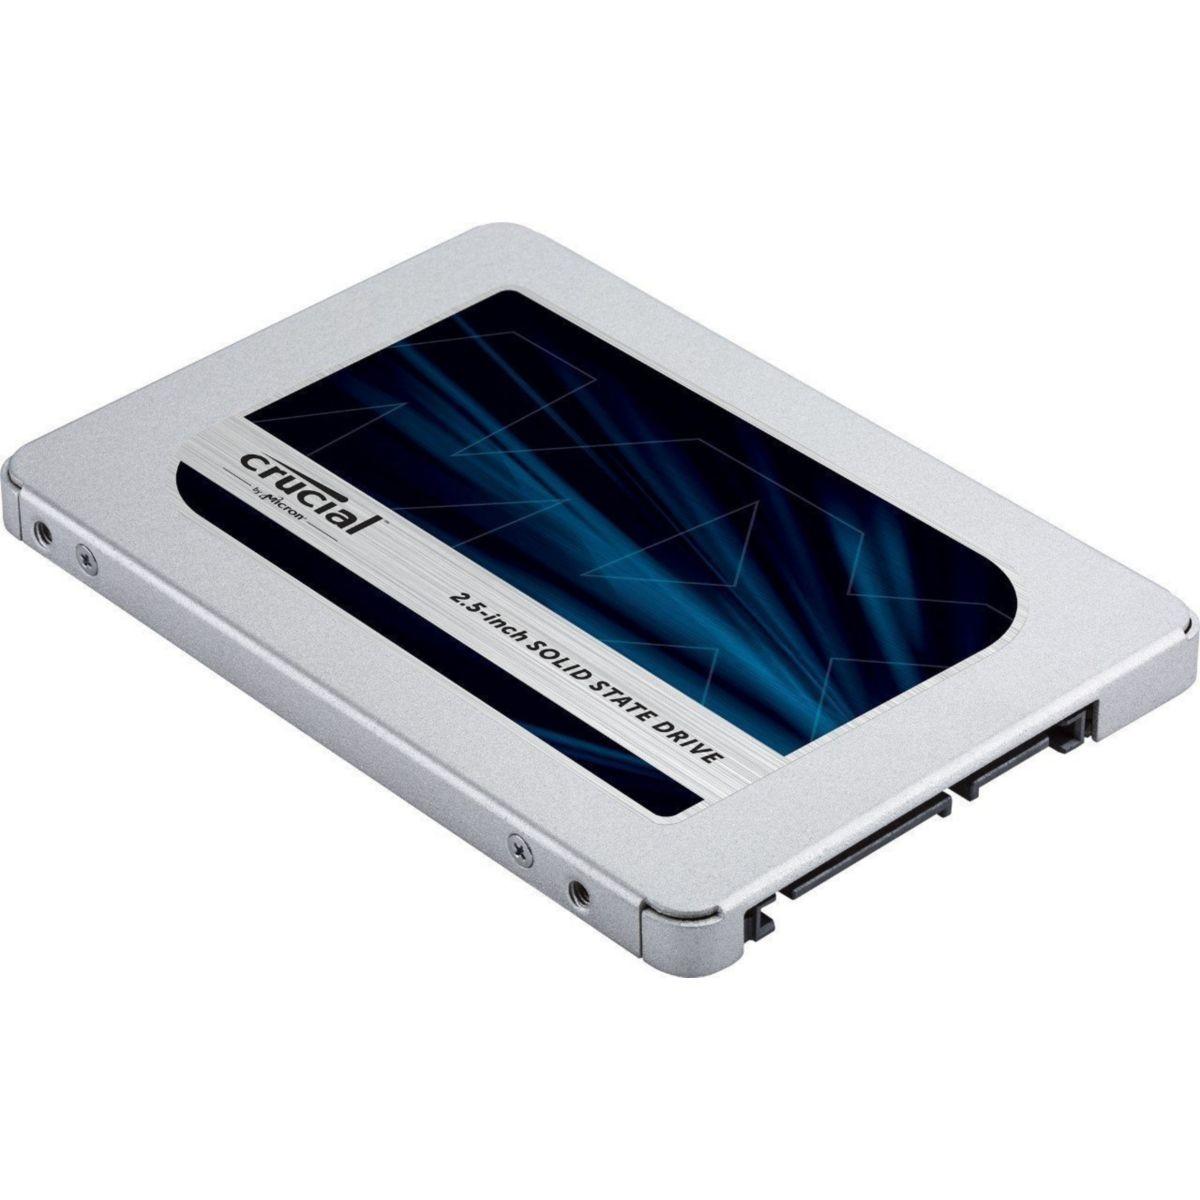 Disque CRUCIAL 250Go MX500 SATA 2.5'' 7 (photo)